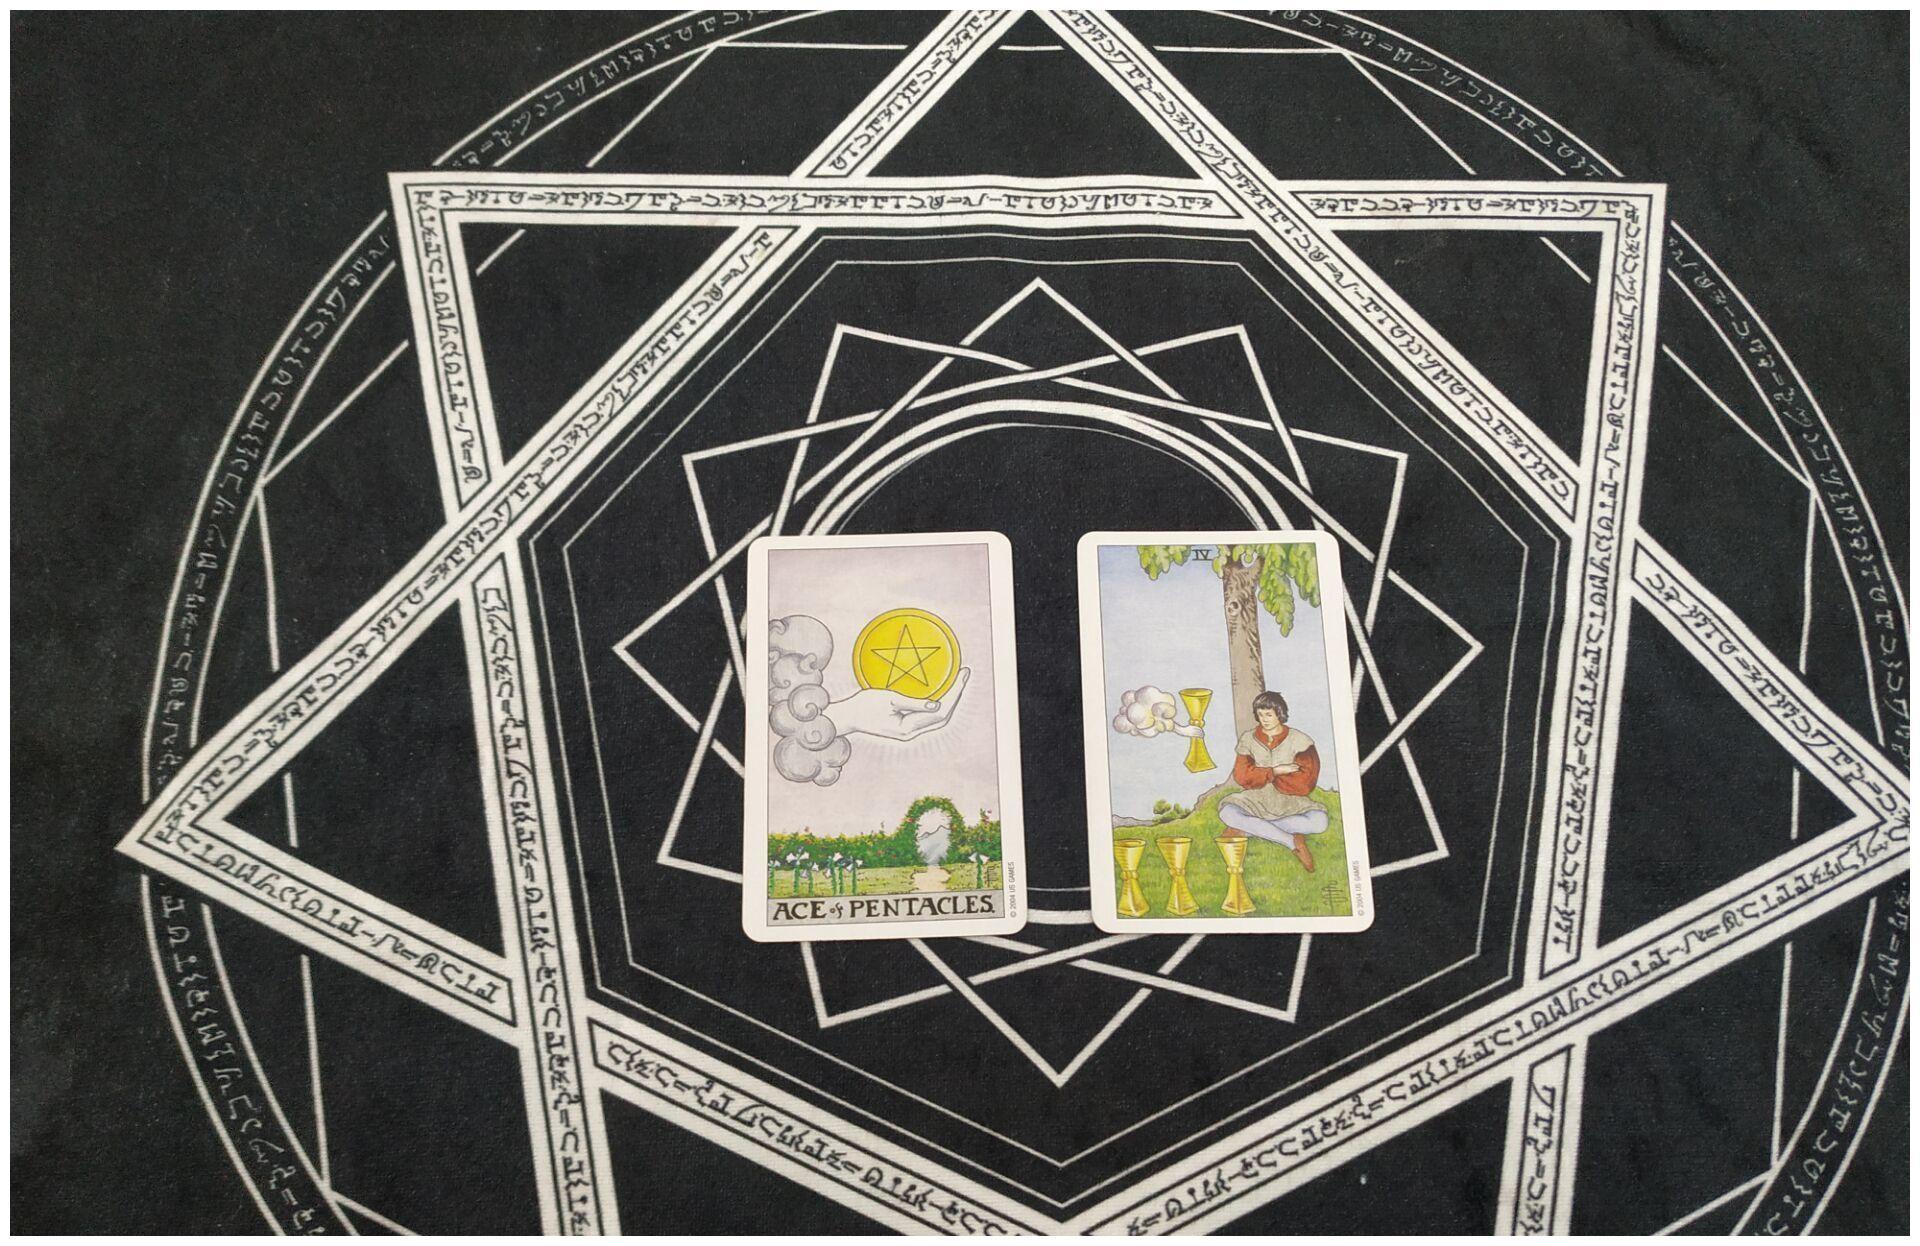 天蝎座一月下半月运势:在精神世界里孤立无援,因爱重生